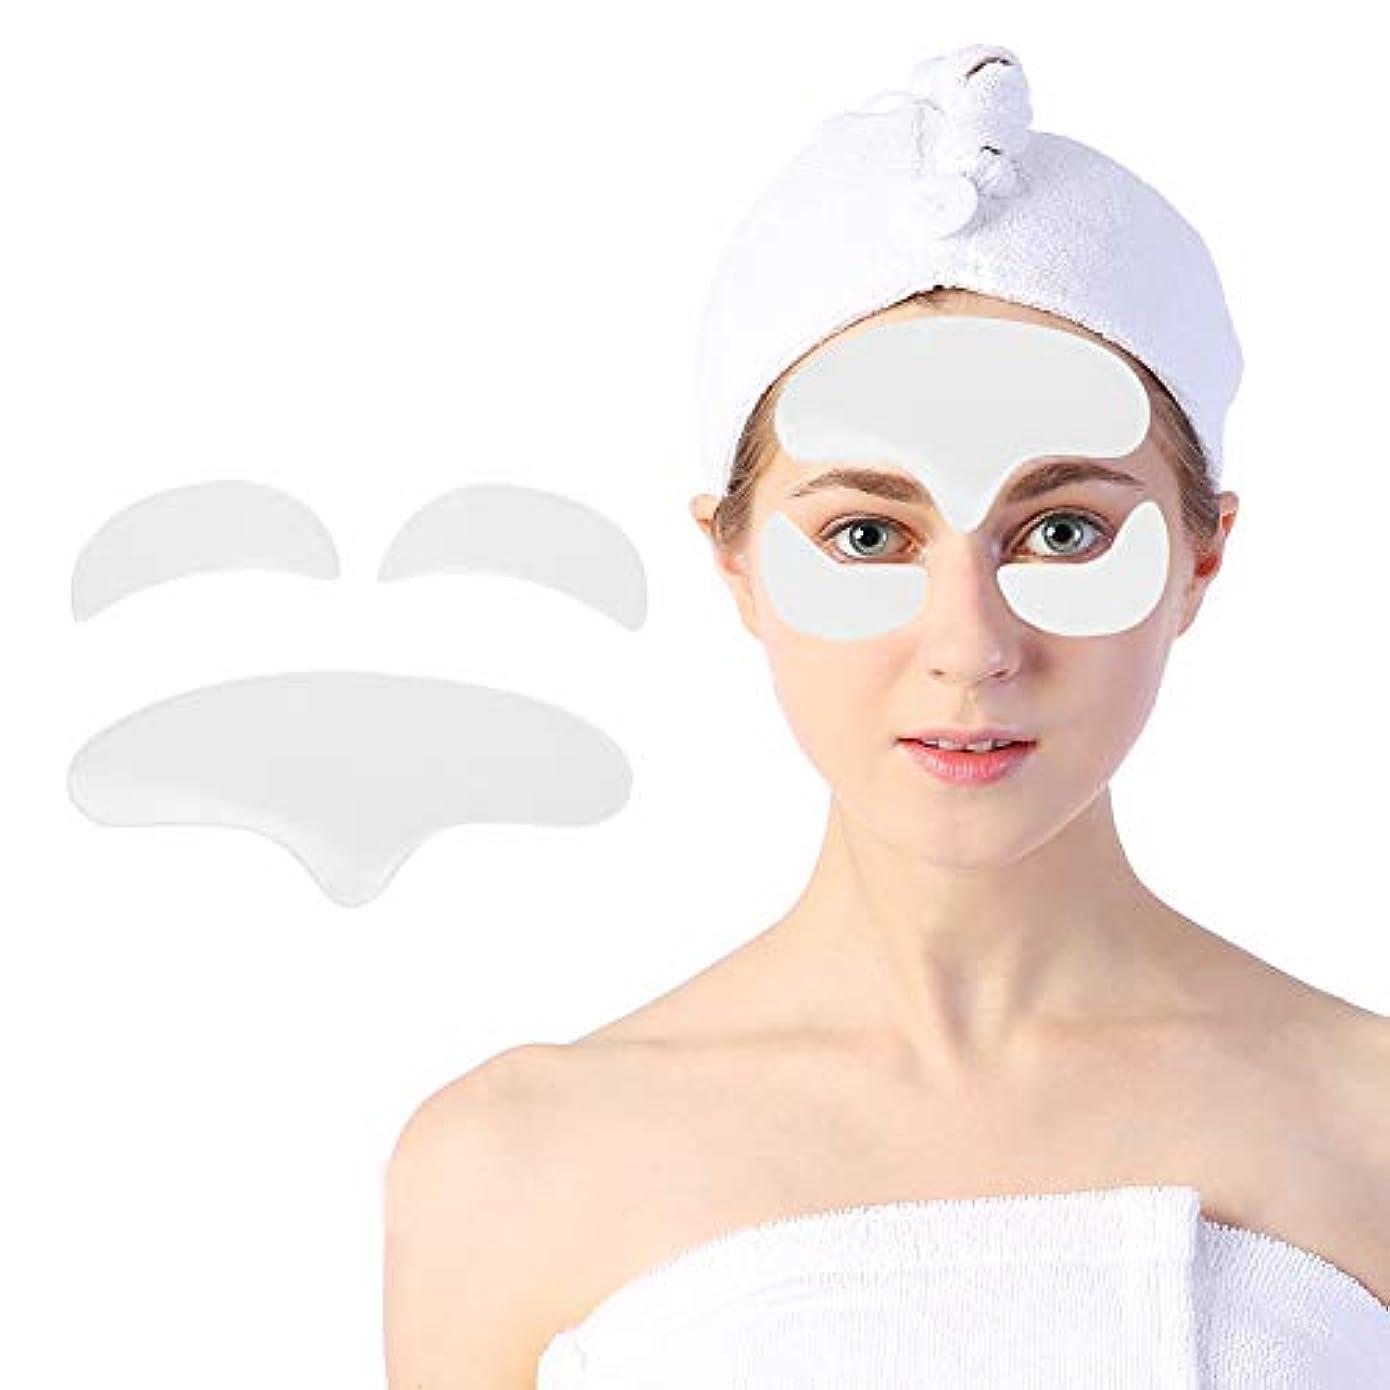 入場料熱望する根拠顔用アンチリンクルパッド、顔面および目の皮膚を持ち上げて引き締めるための再利用可能なシリコーン肌のリラクゼーションパッチ